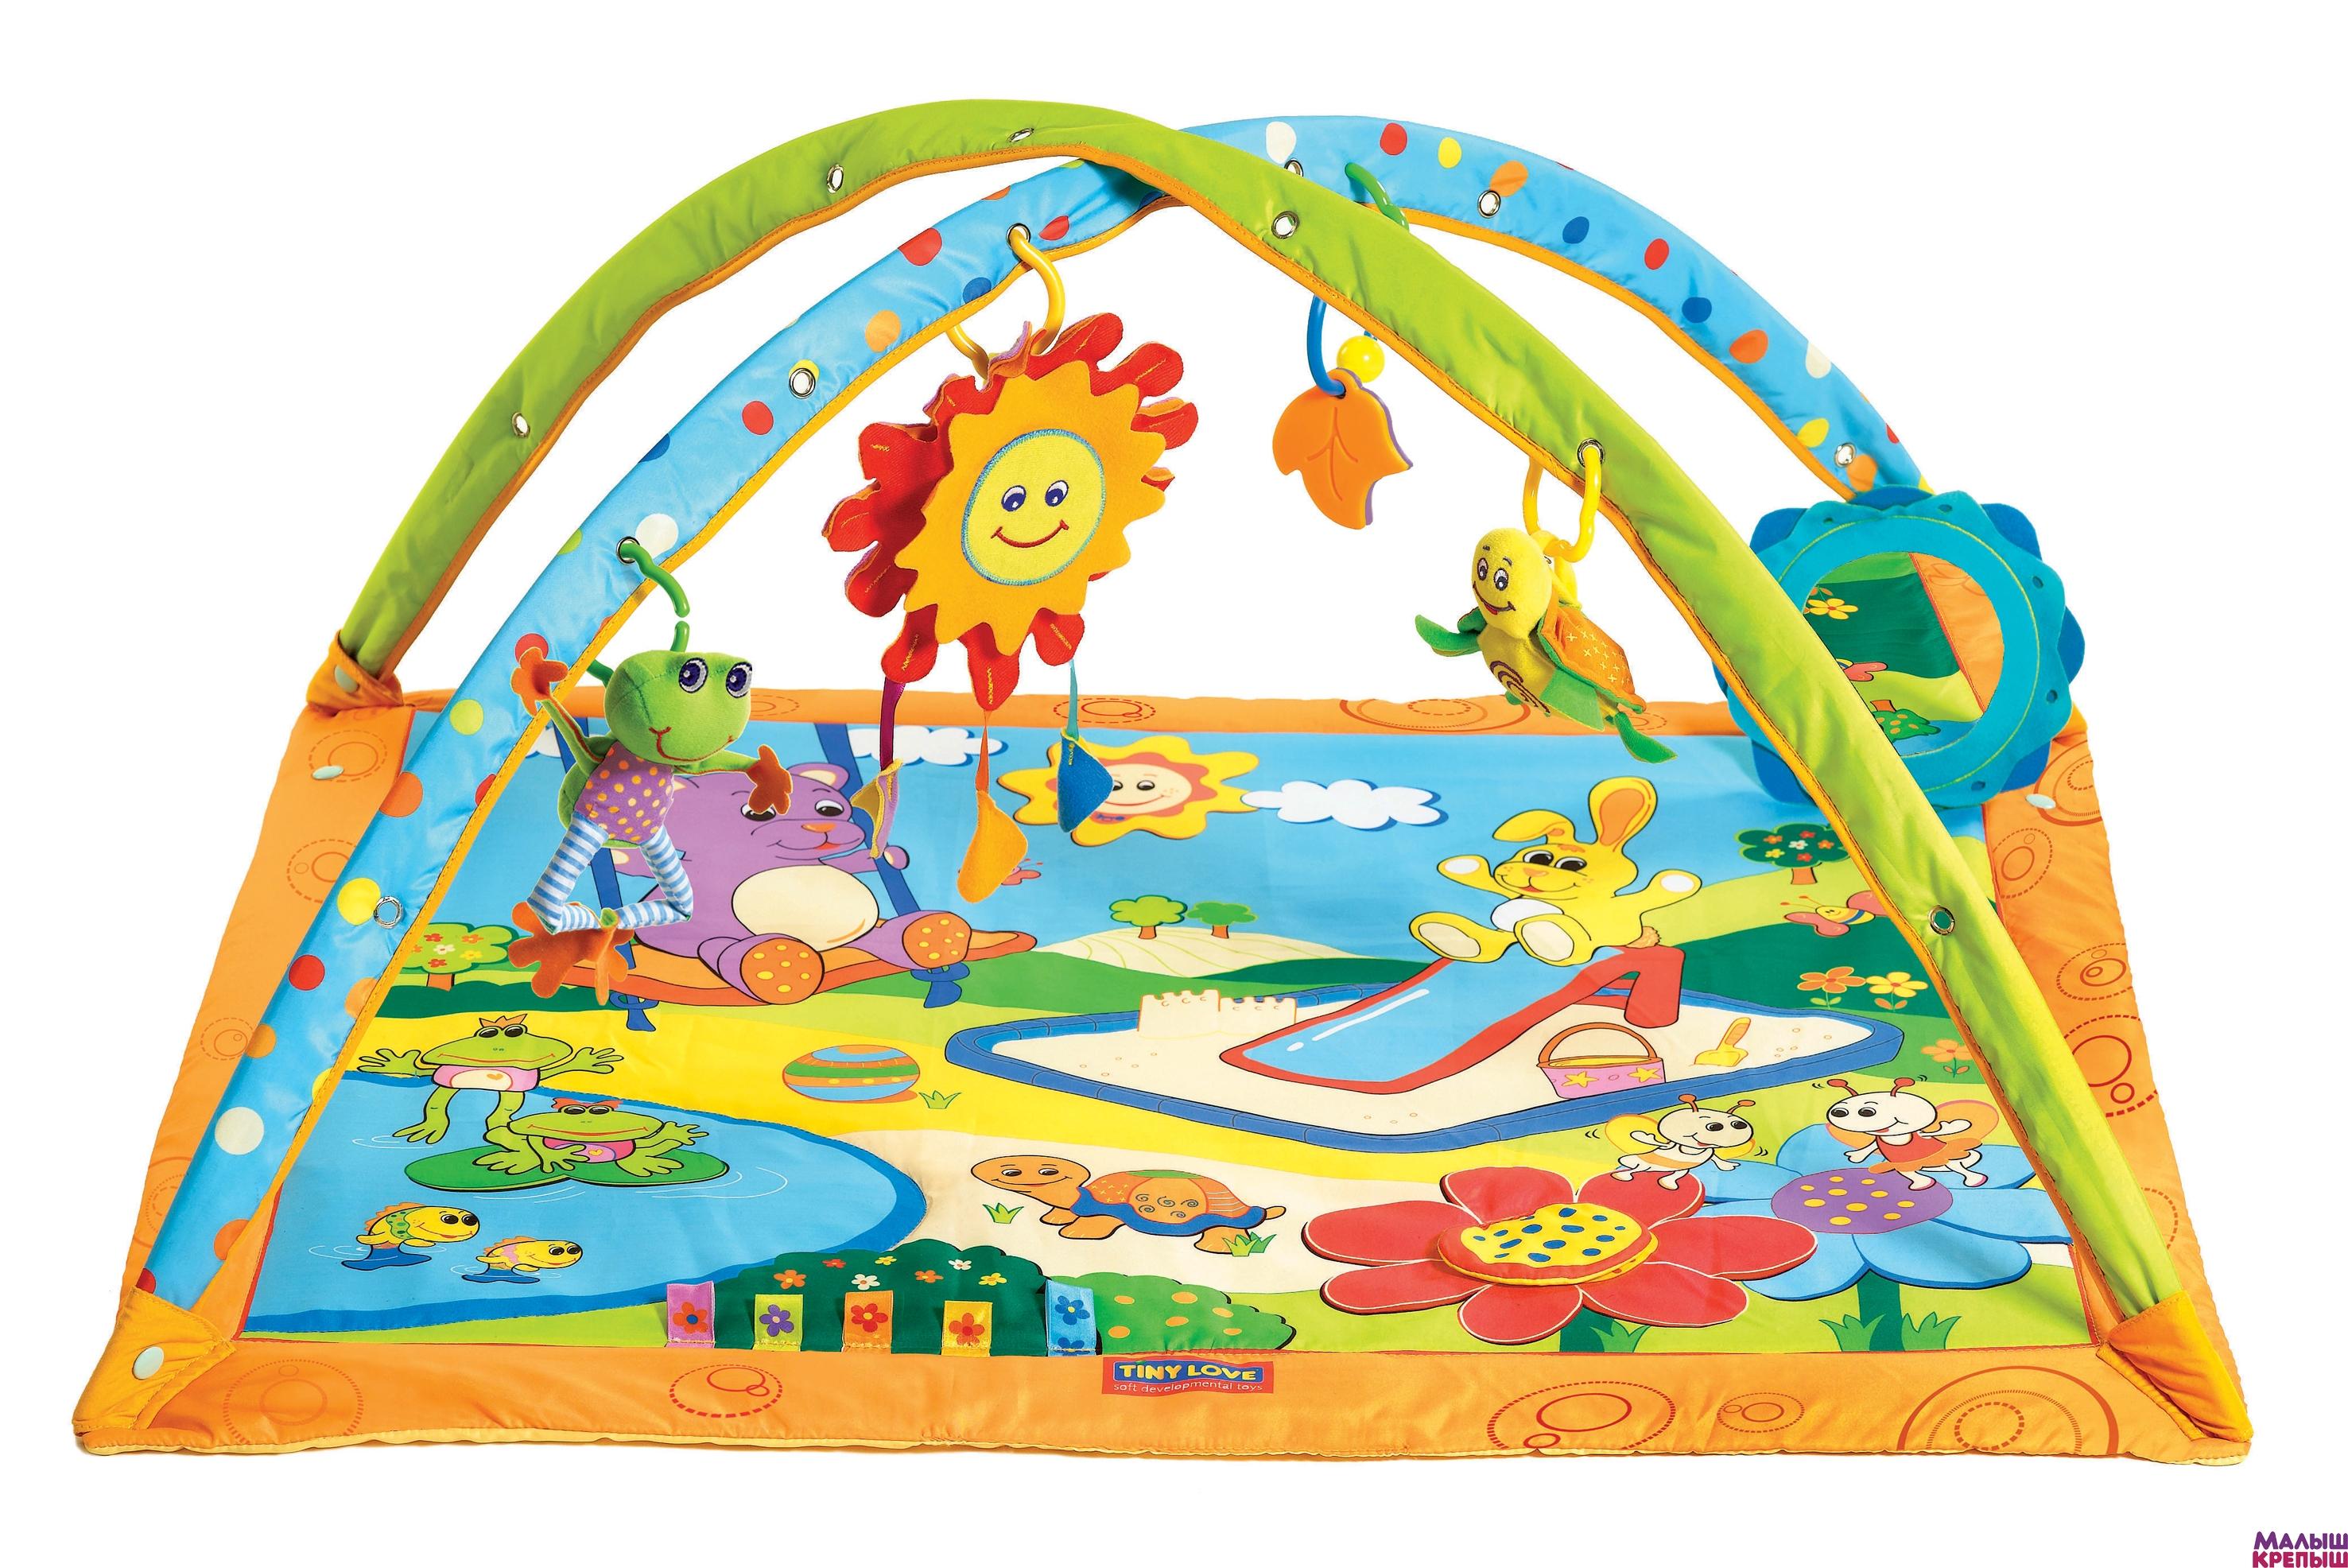 Развивающий коврик для детей от 0 до 1 лет своими руками